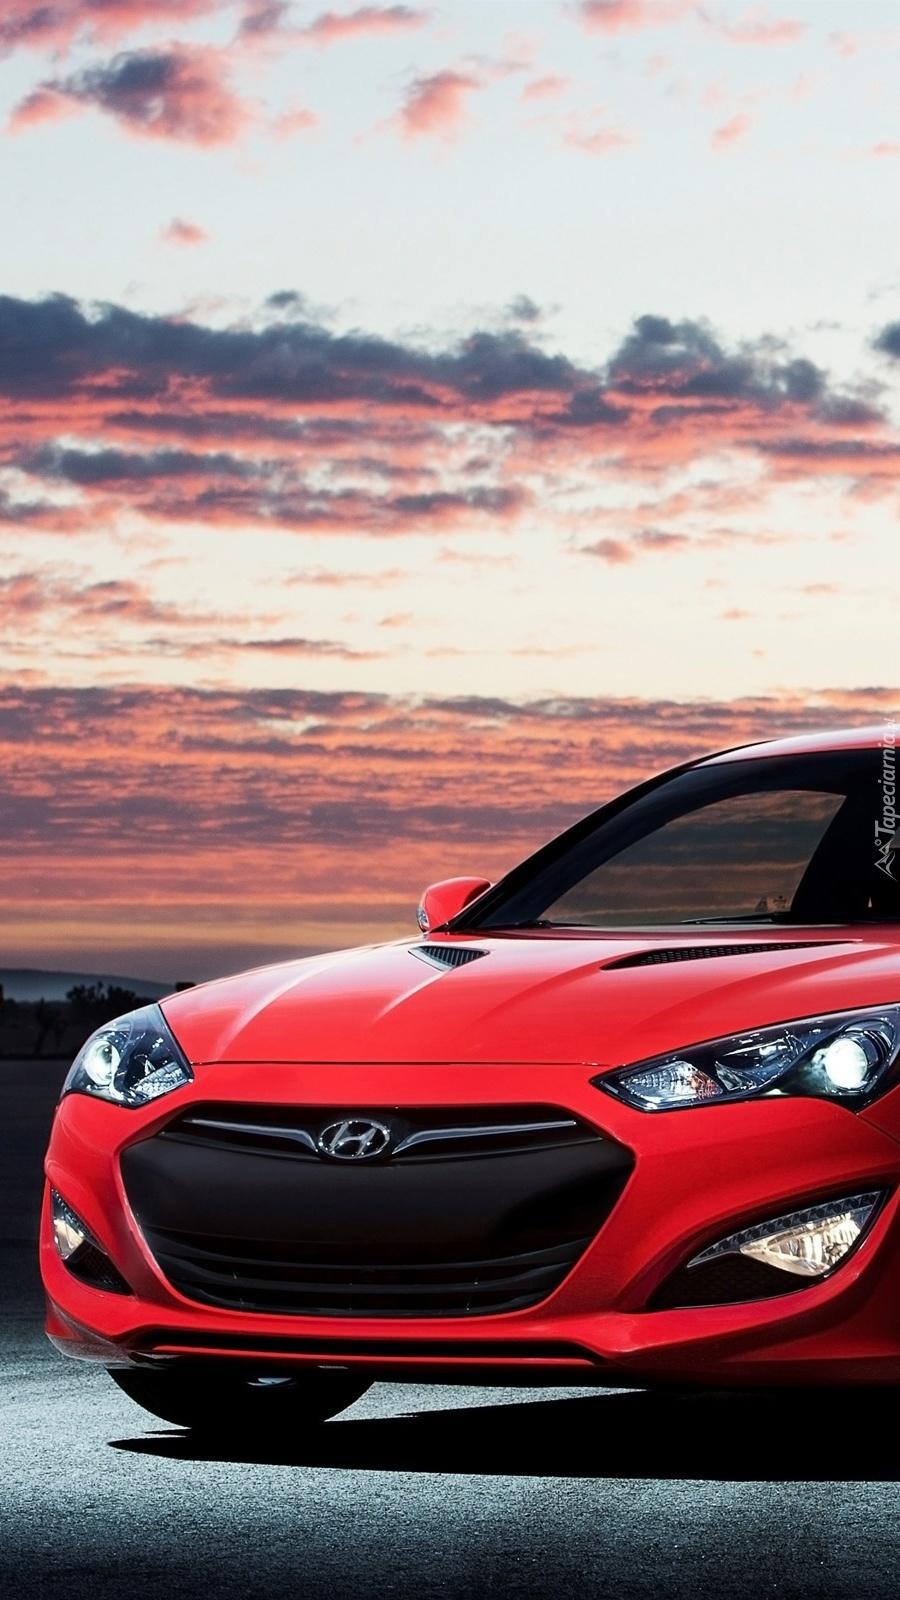 Przód czerwonego Hyundaia Genesis Coupe